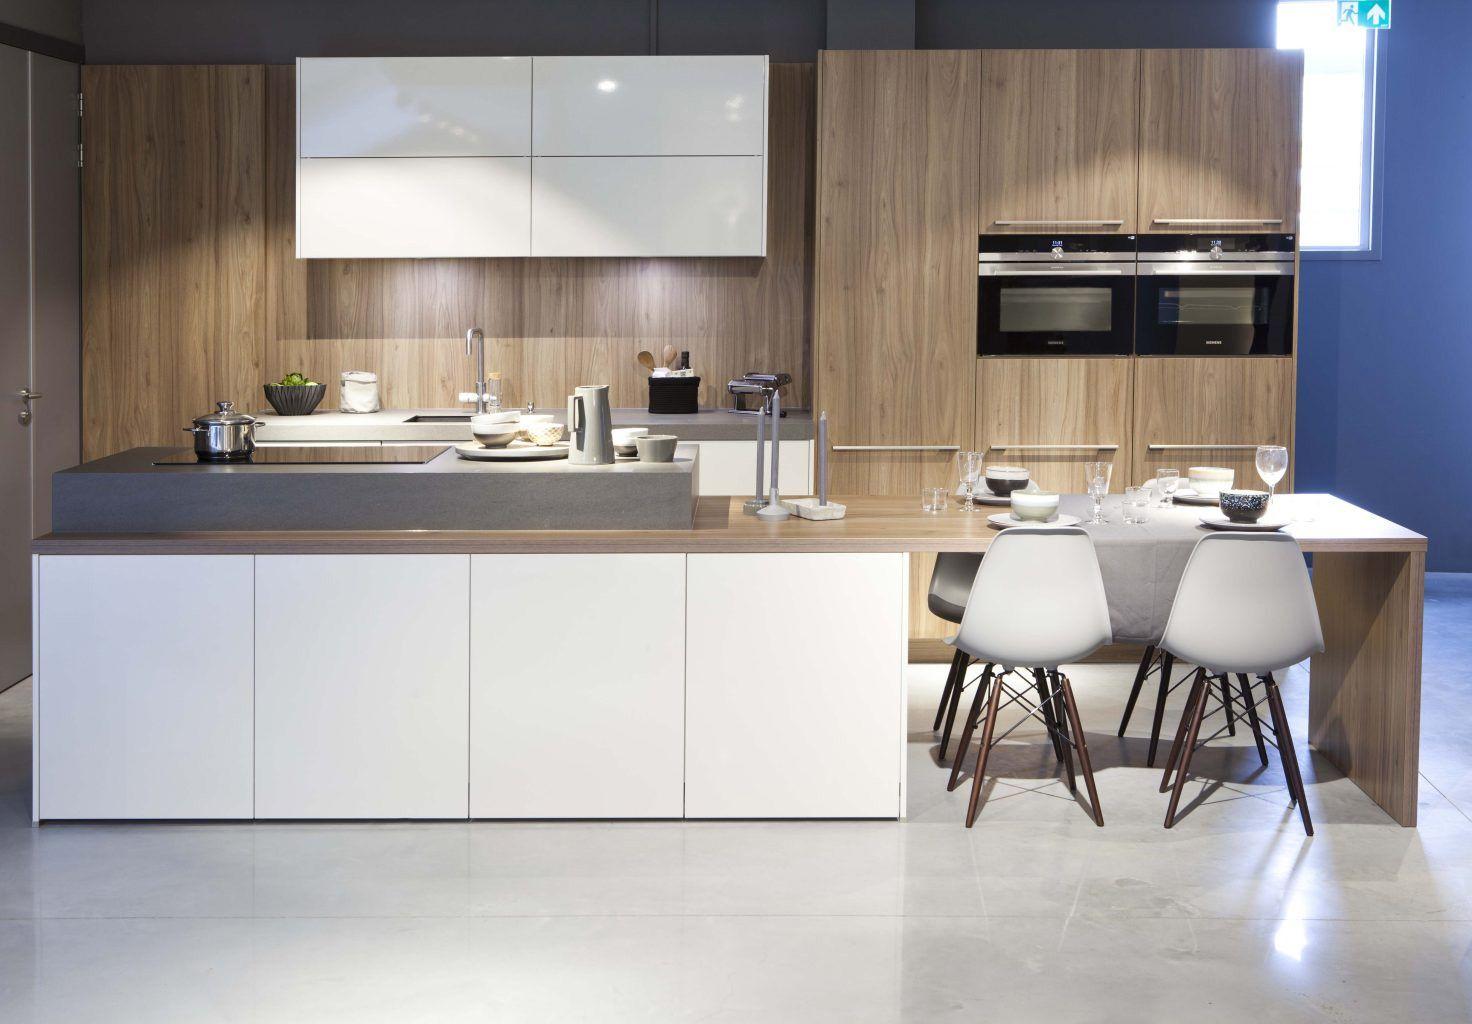 Keukenstekoop het grootste keukenaanbod van nederland